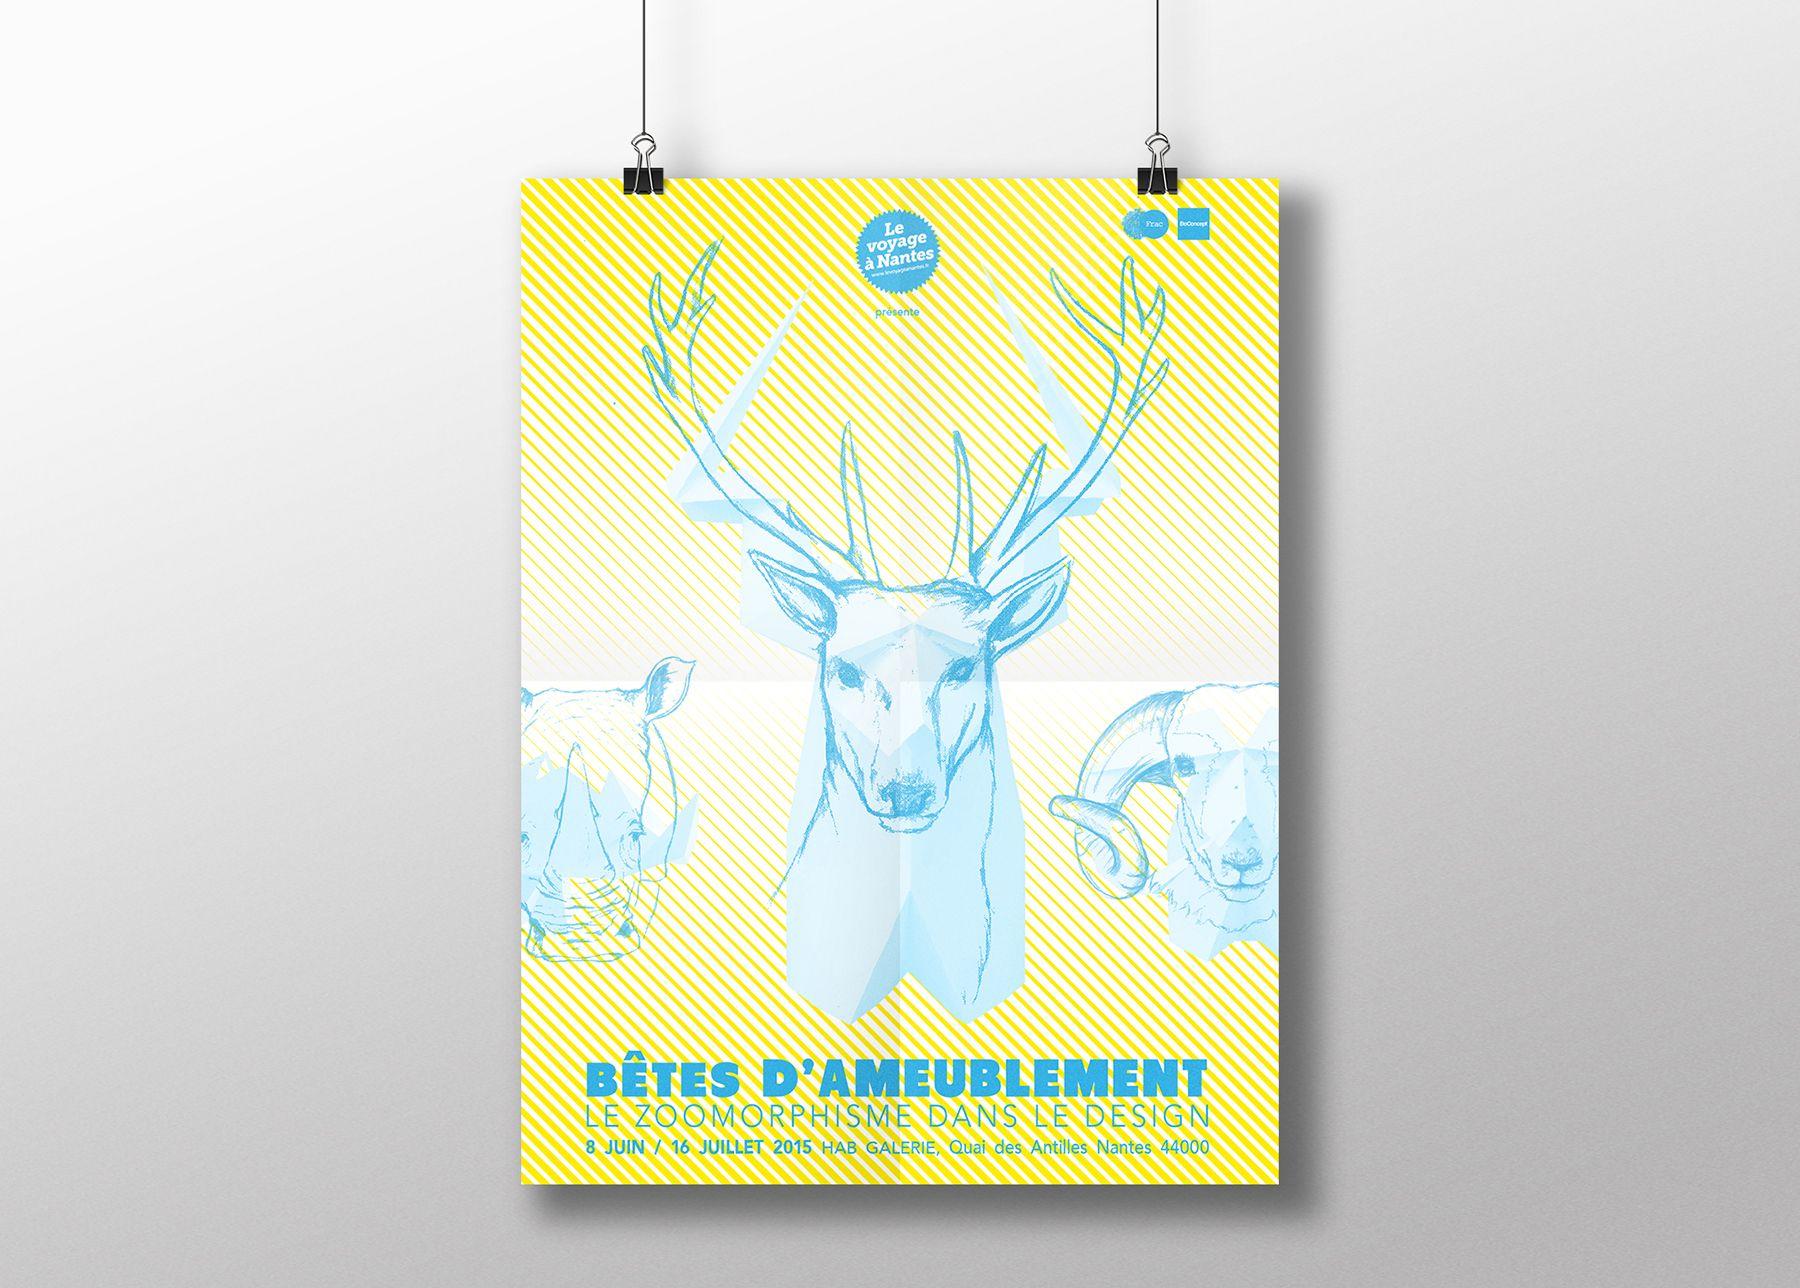 """Affiche de l'exposition """"Bêtes d'Ameublement"""" à la française"""